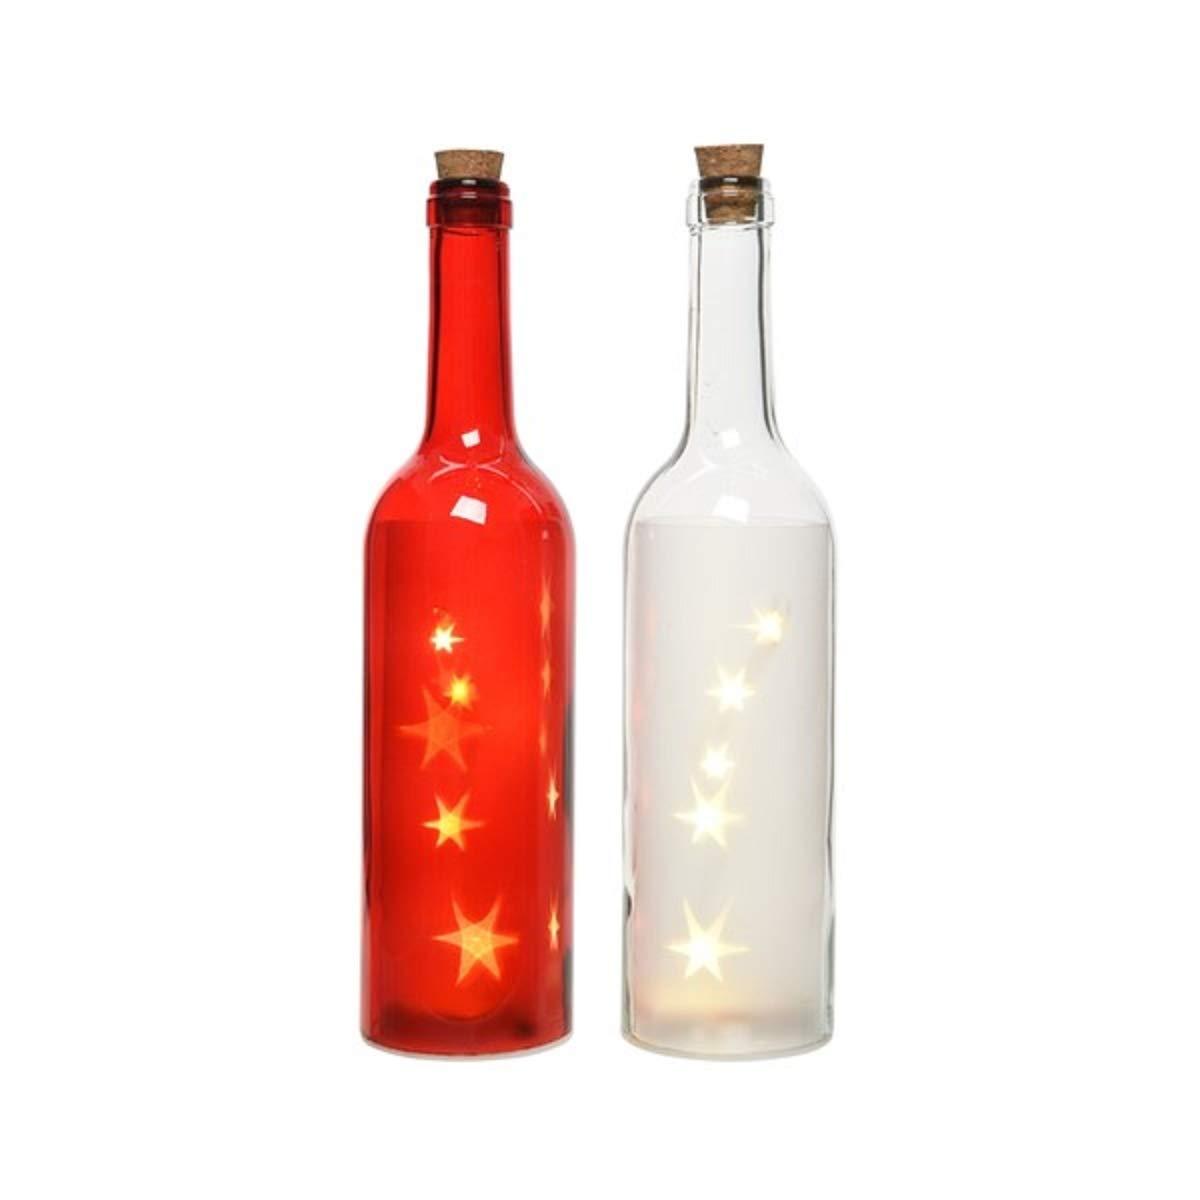 Lumineo 2 Botellas de Cristal (con iluminación de LED Que Funcionan con Estrellas: Amazon.es: Hogar